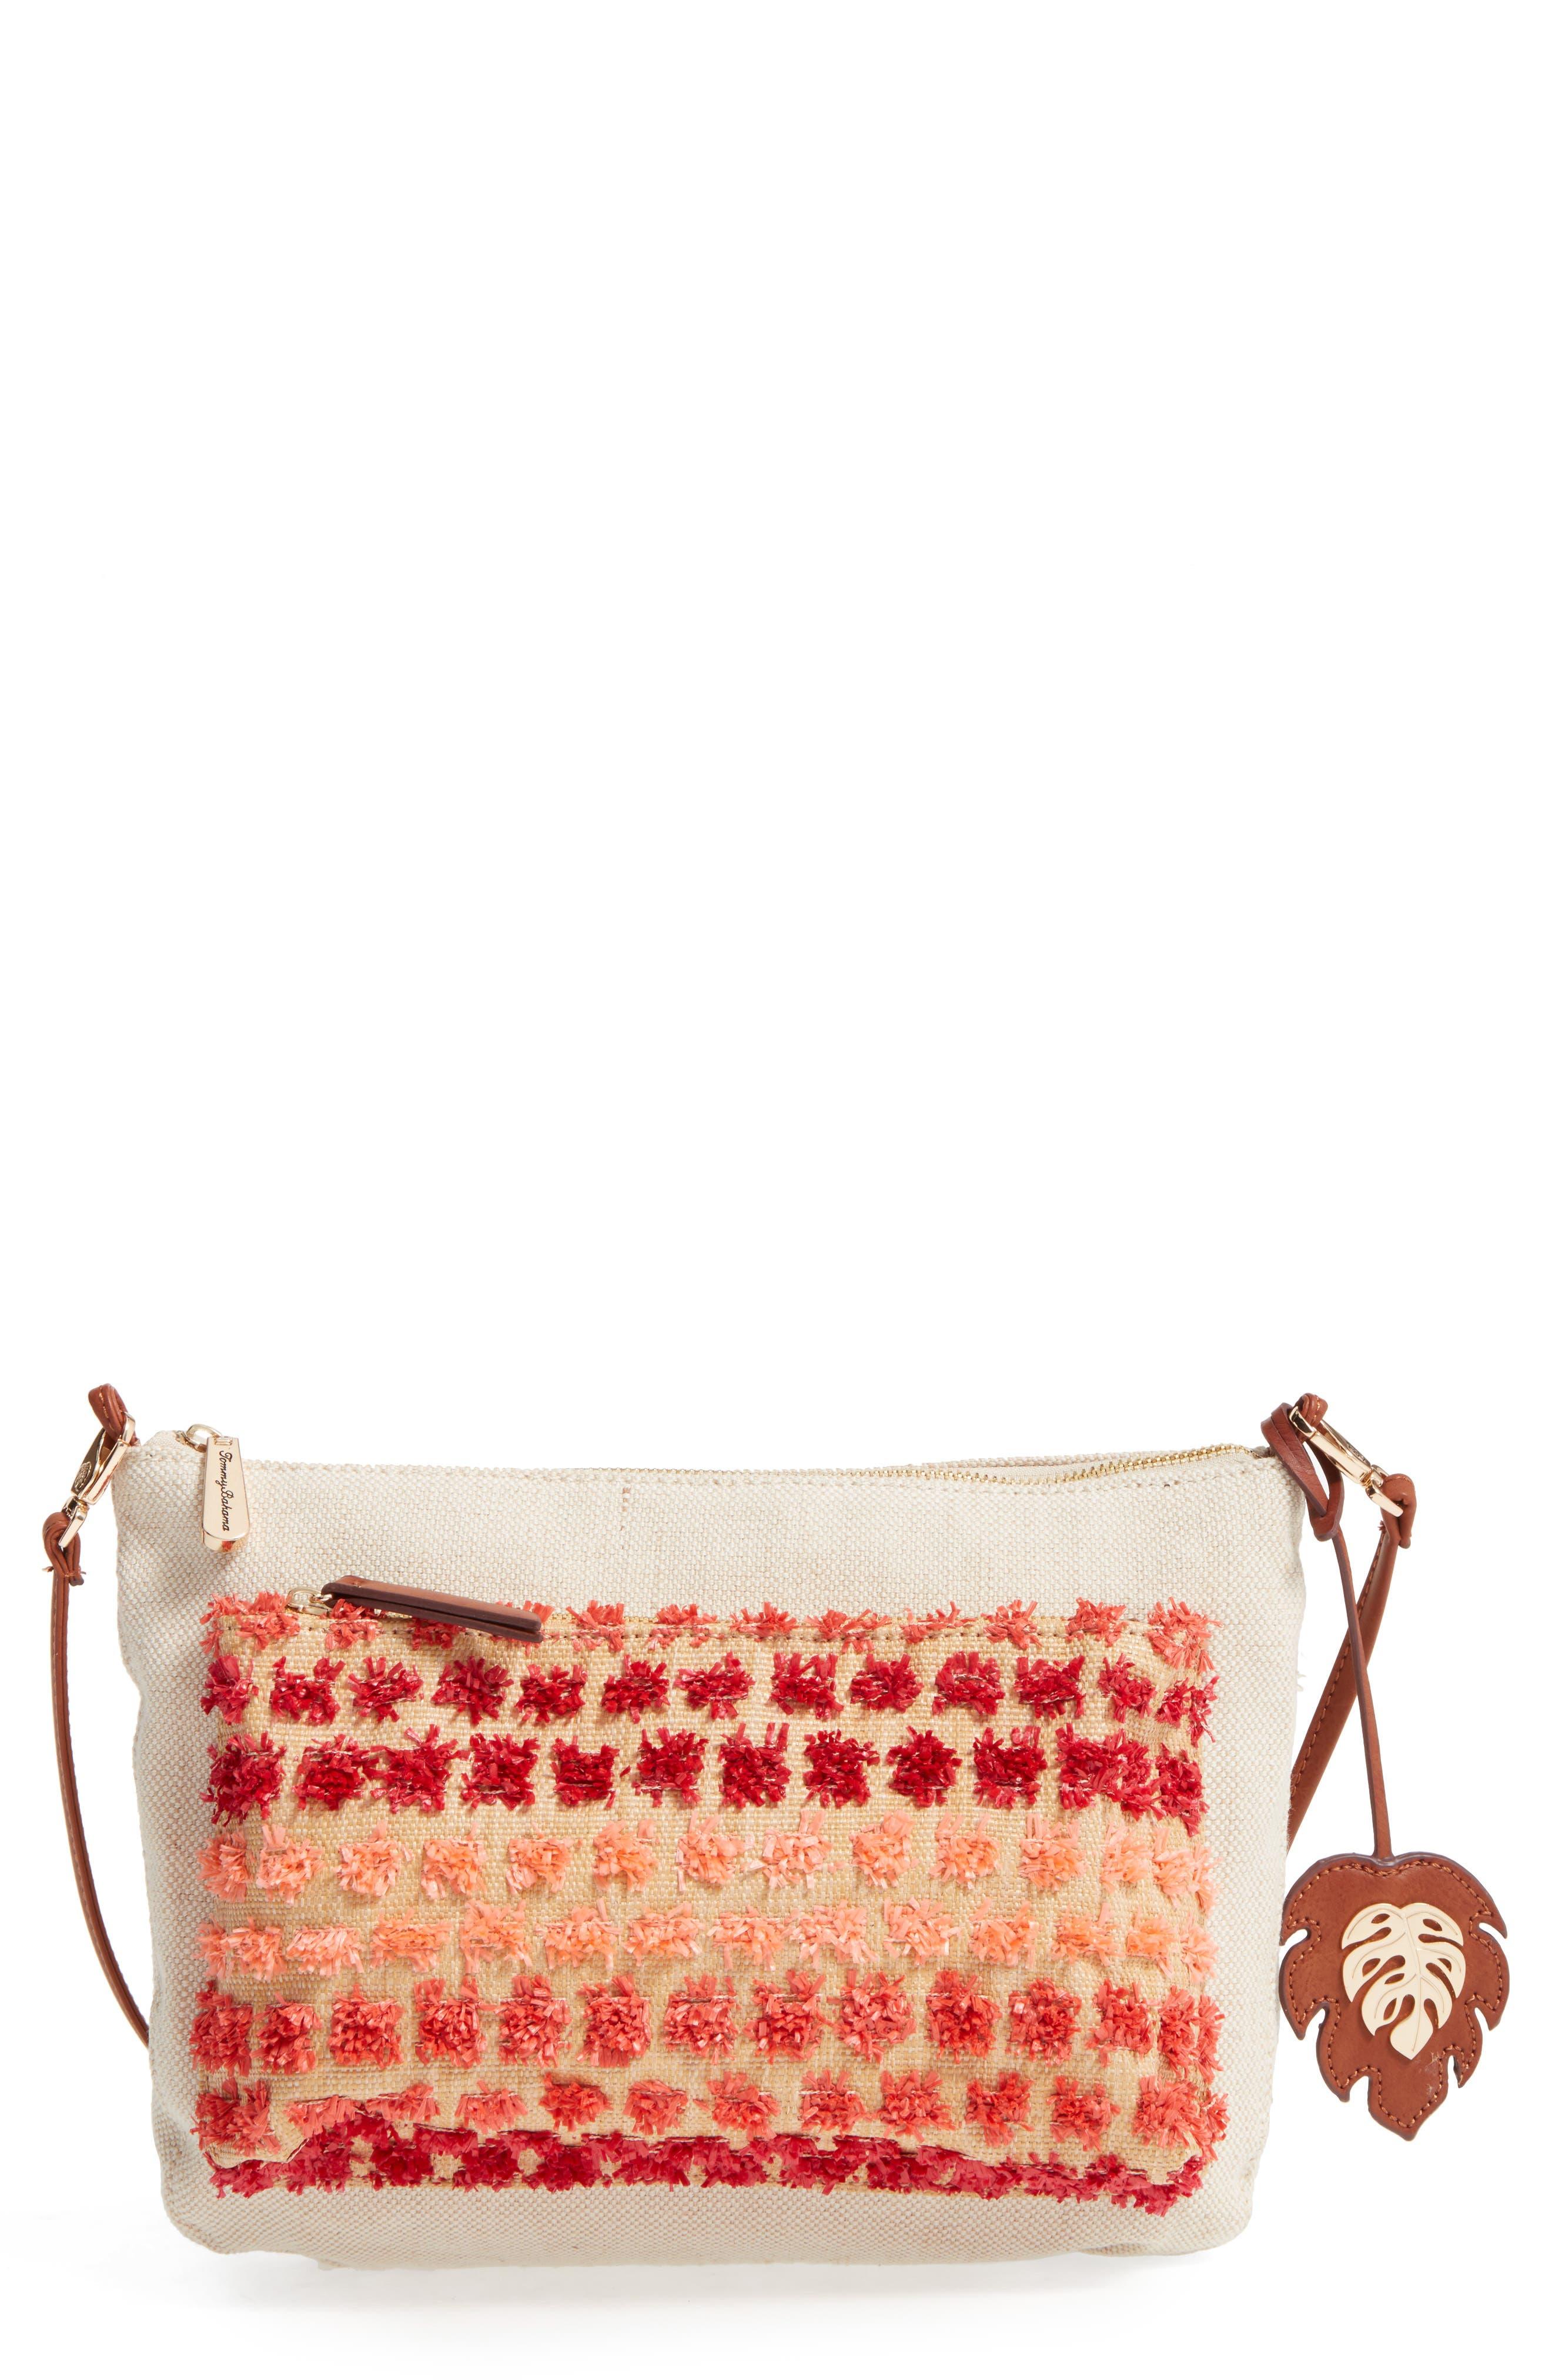 Koki Beach Crossbody Bag,                             Main thumbnail 1, color,                             250